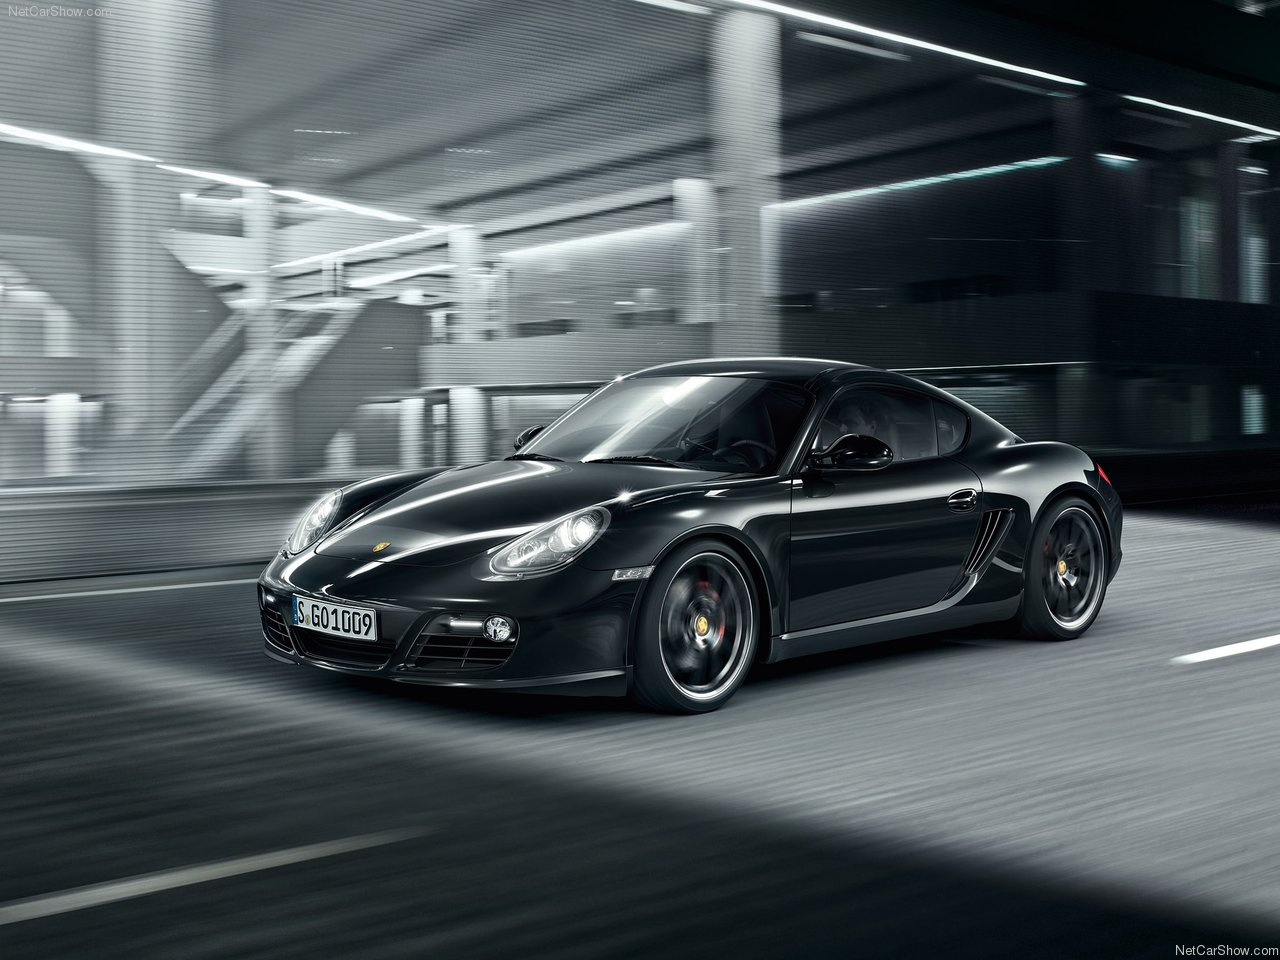 http://2.bp.blogspot.com/-TH3k_0bsaHM/TeAyHKsv8UI/AAAAAAAABzk/3SI-360RbPk/s1600/Porsche-Cayman_S_Black_Edition_2012_1280x960_wallpaper_01.jpg